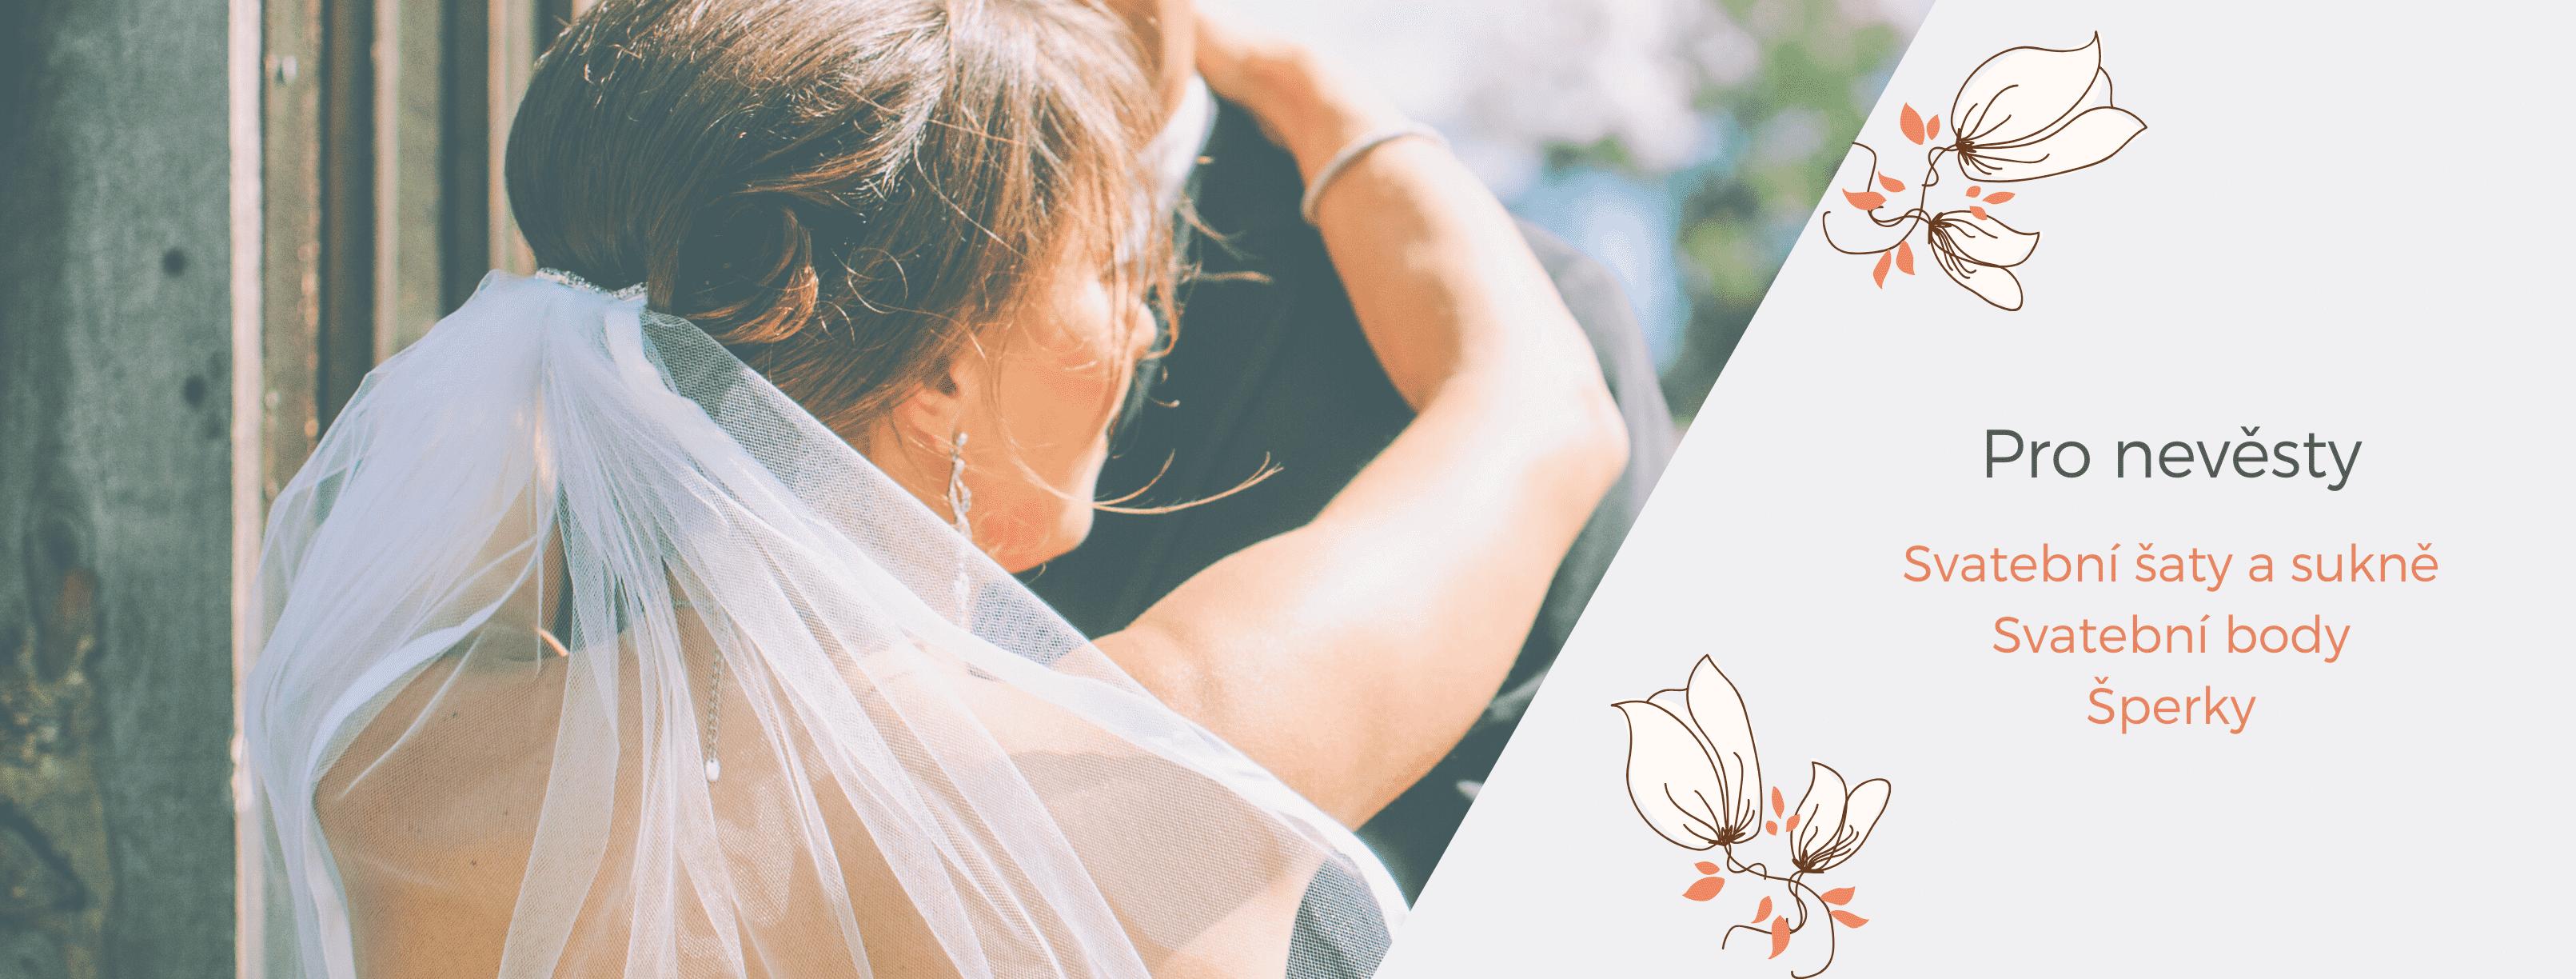 Svatební sukně, šaty, body a šperky pro nevěsty